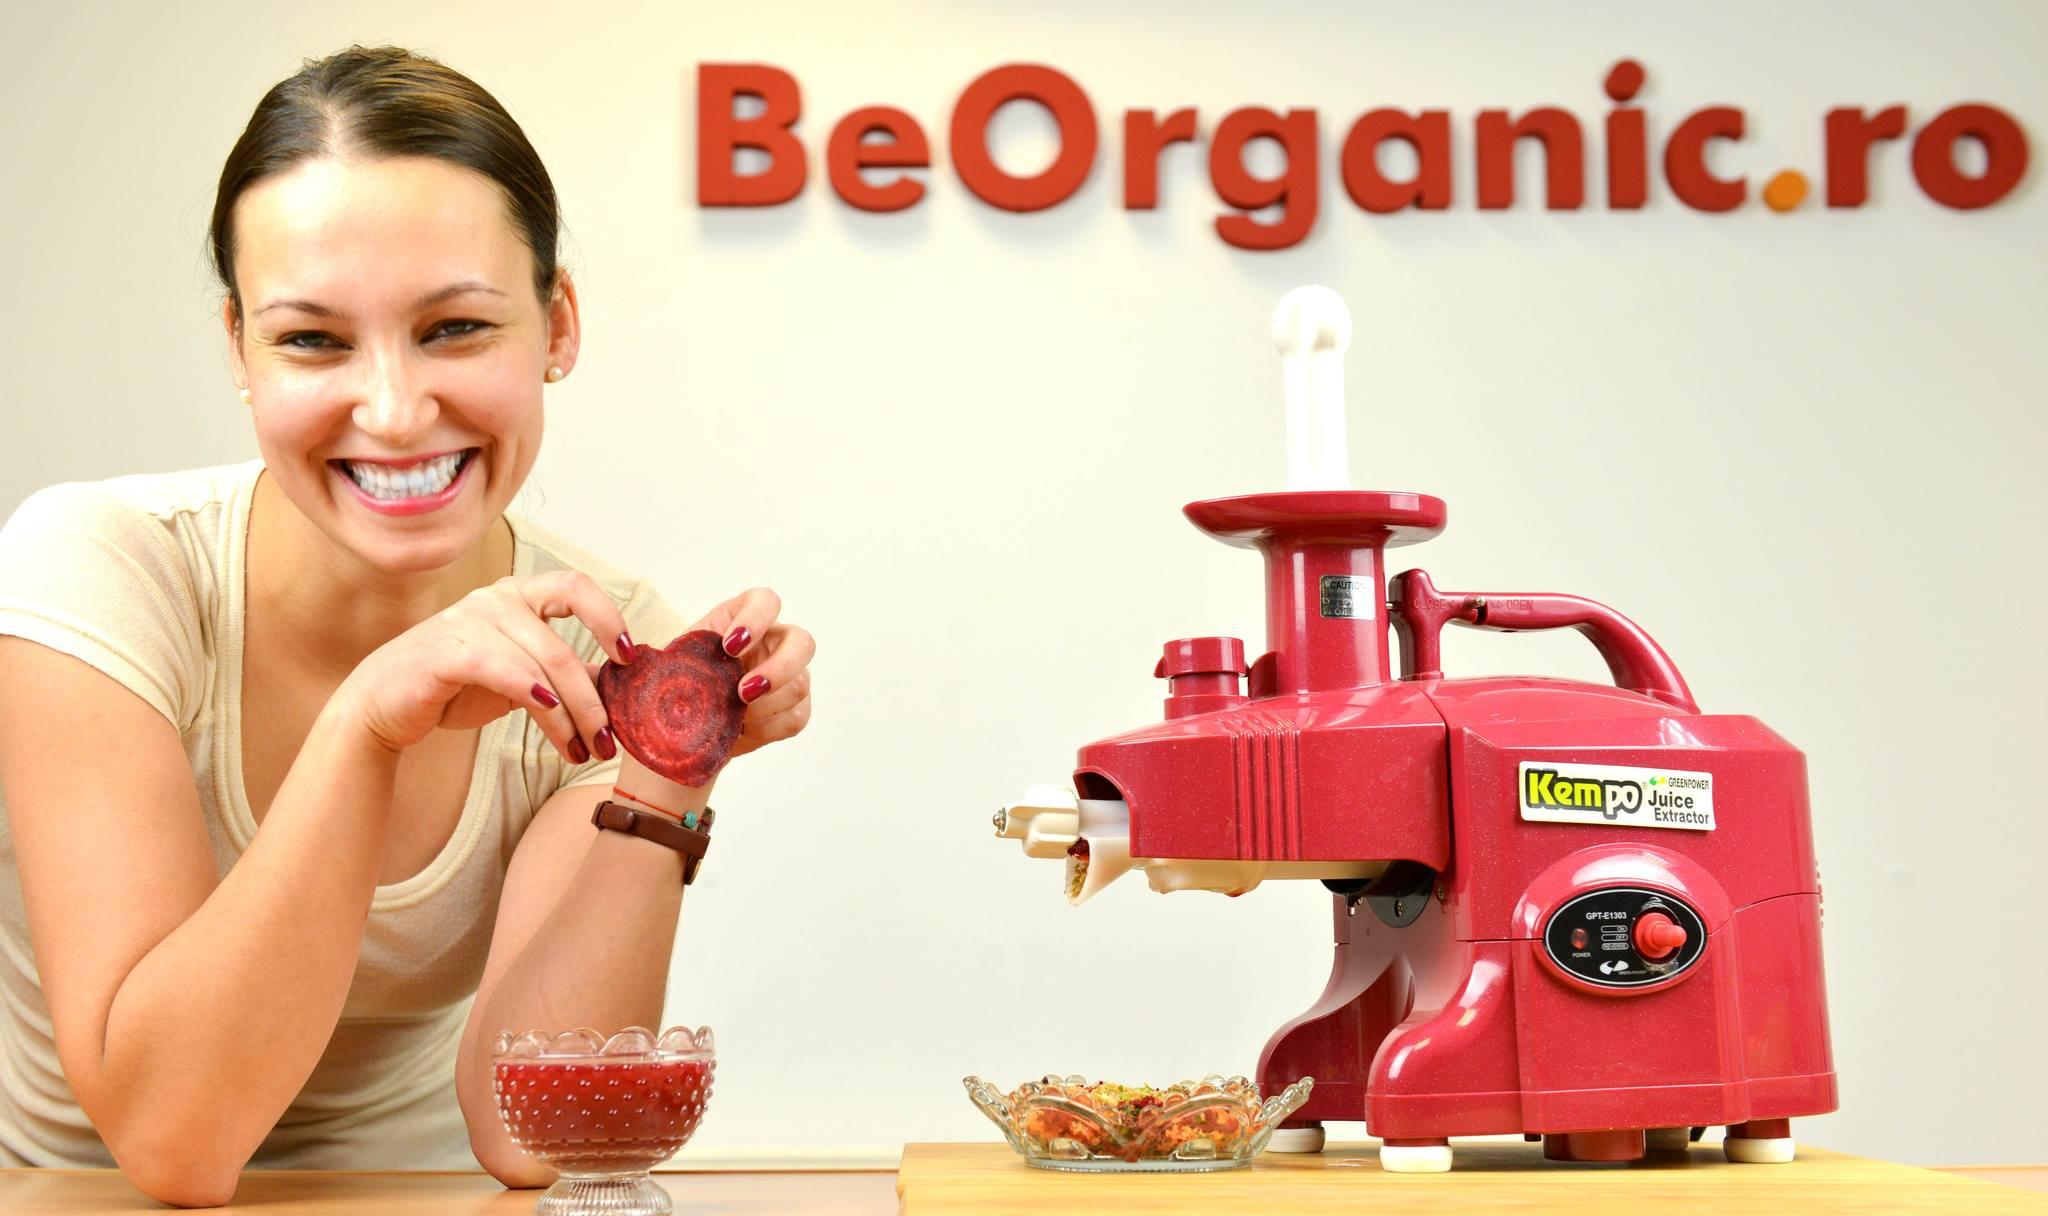 Marele premiu oferit de BeOrganic.ro